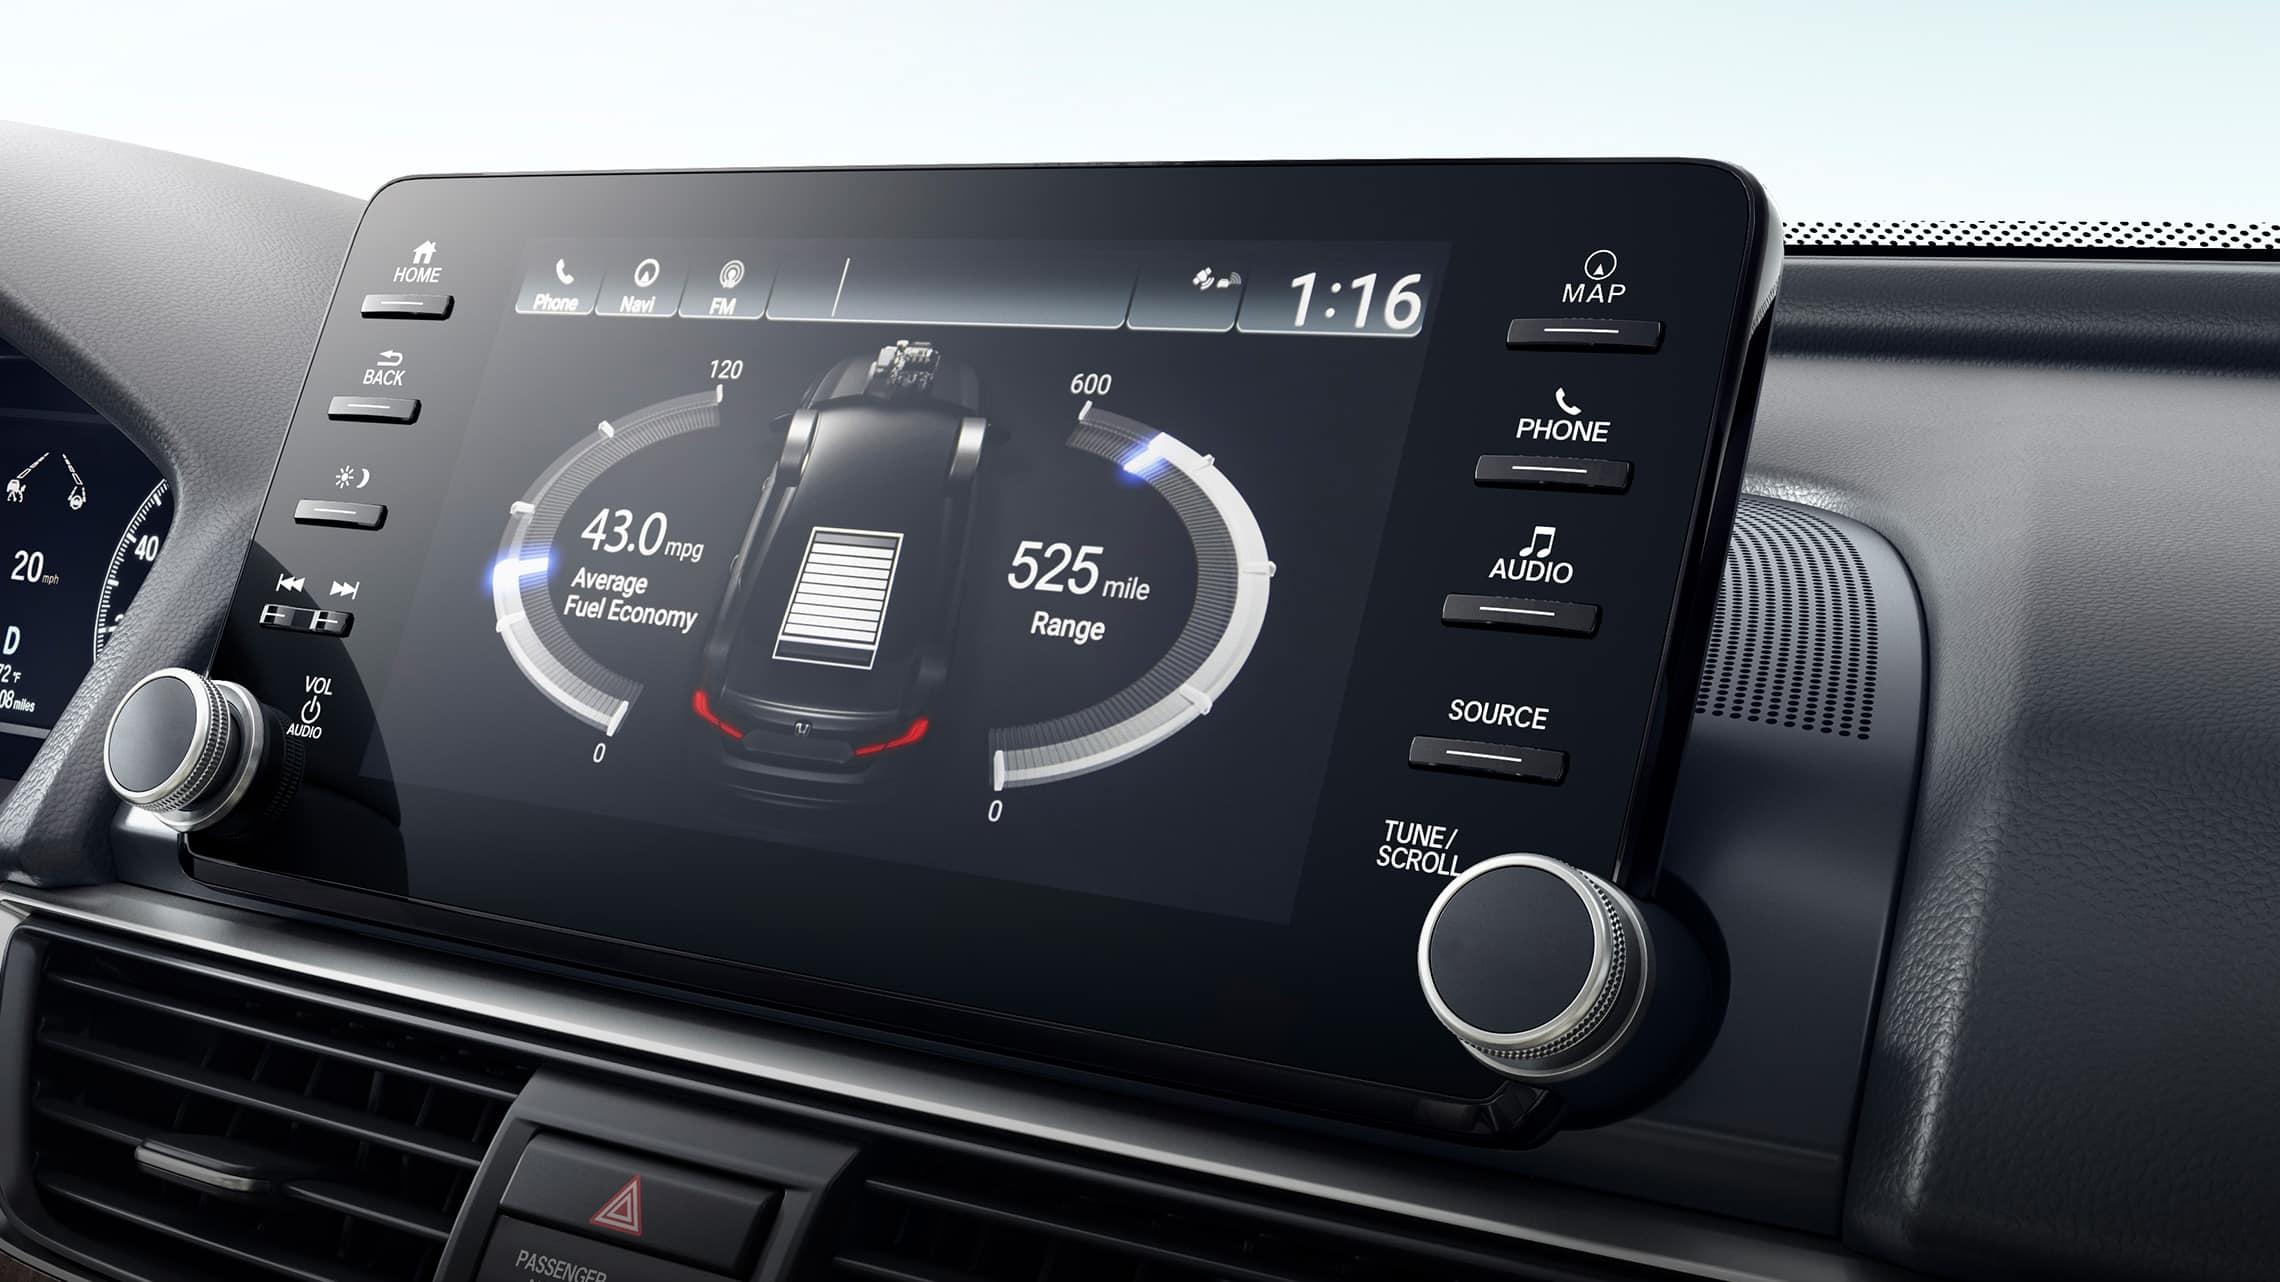 Detalle del sistema de audio en pantalla táctil que muestra el flujo de potencia híbrida en el HondaAccordHybridTouring2021.